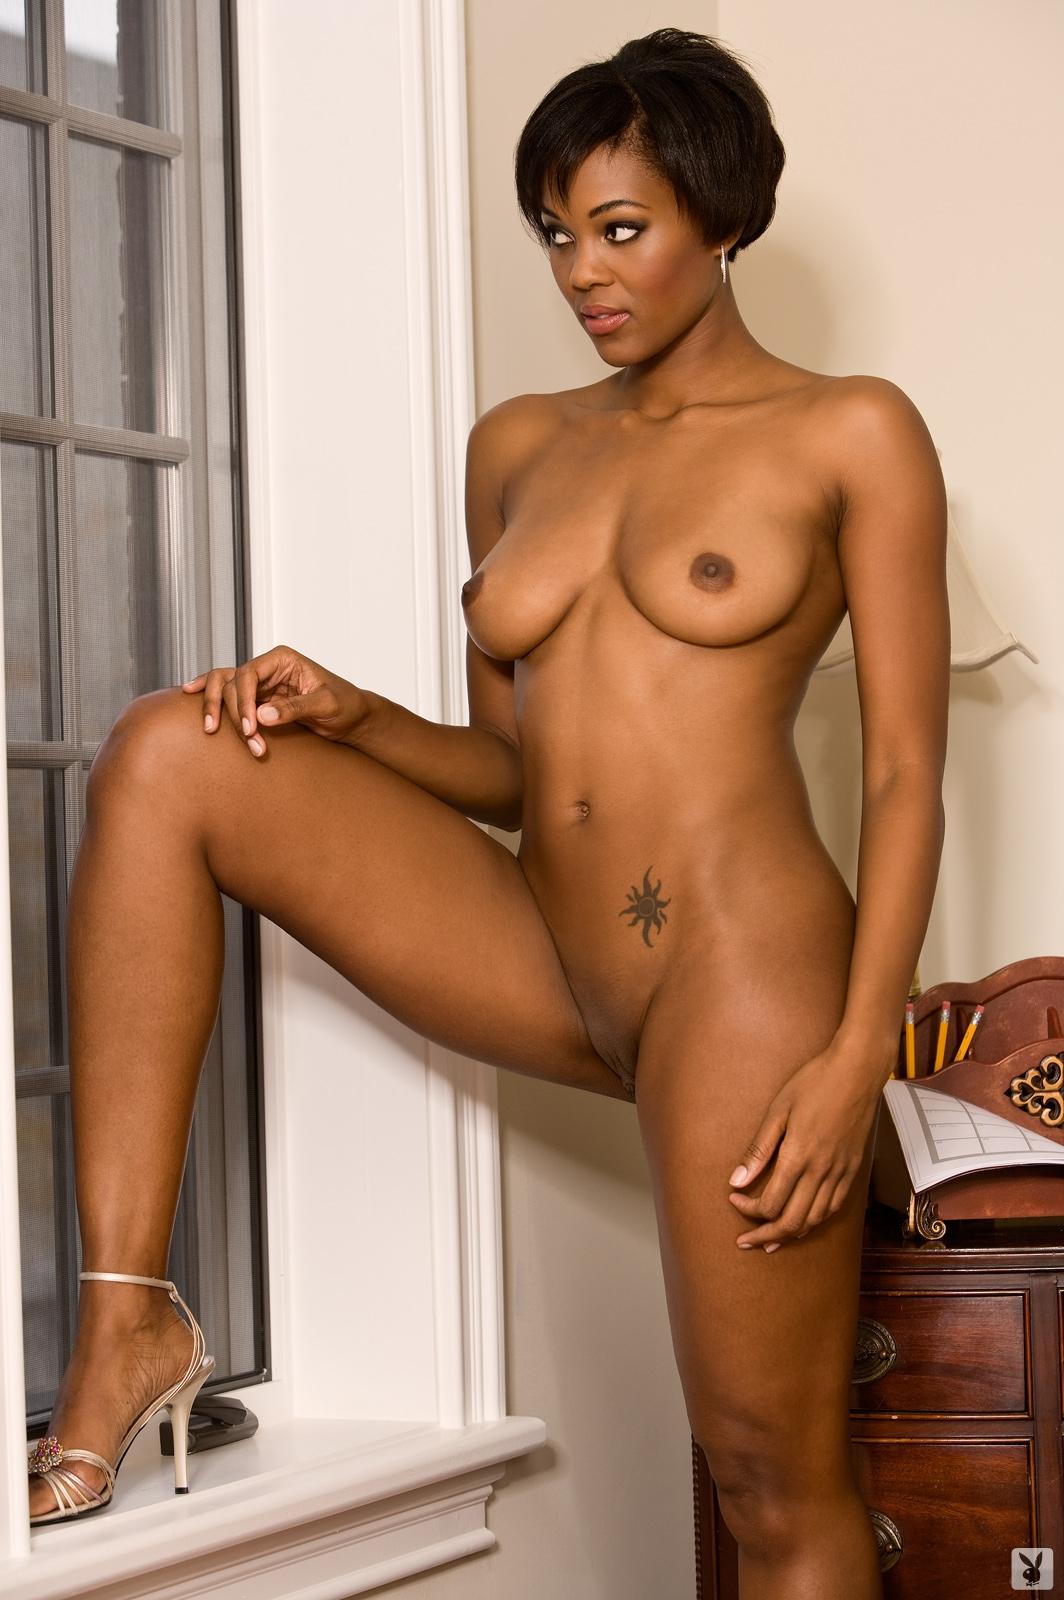 chernise yvette nude